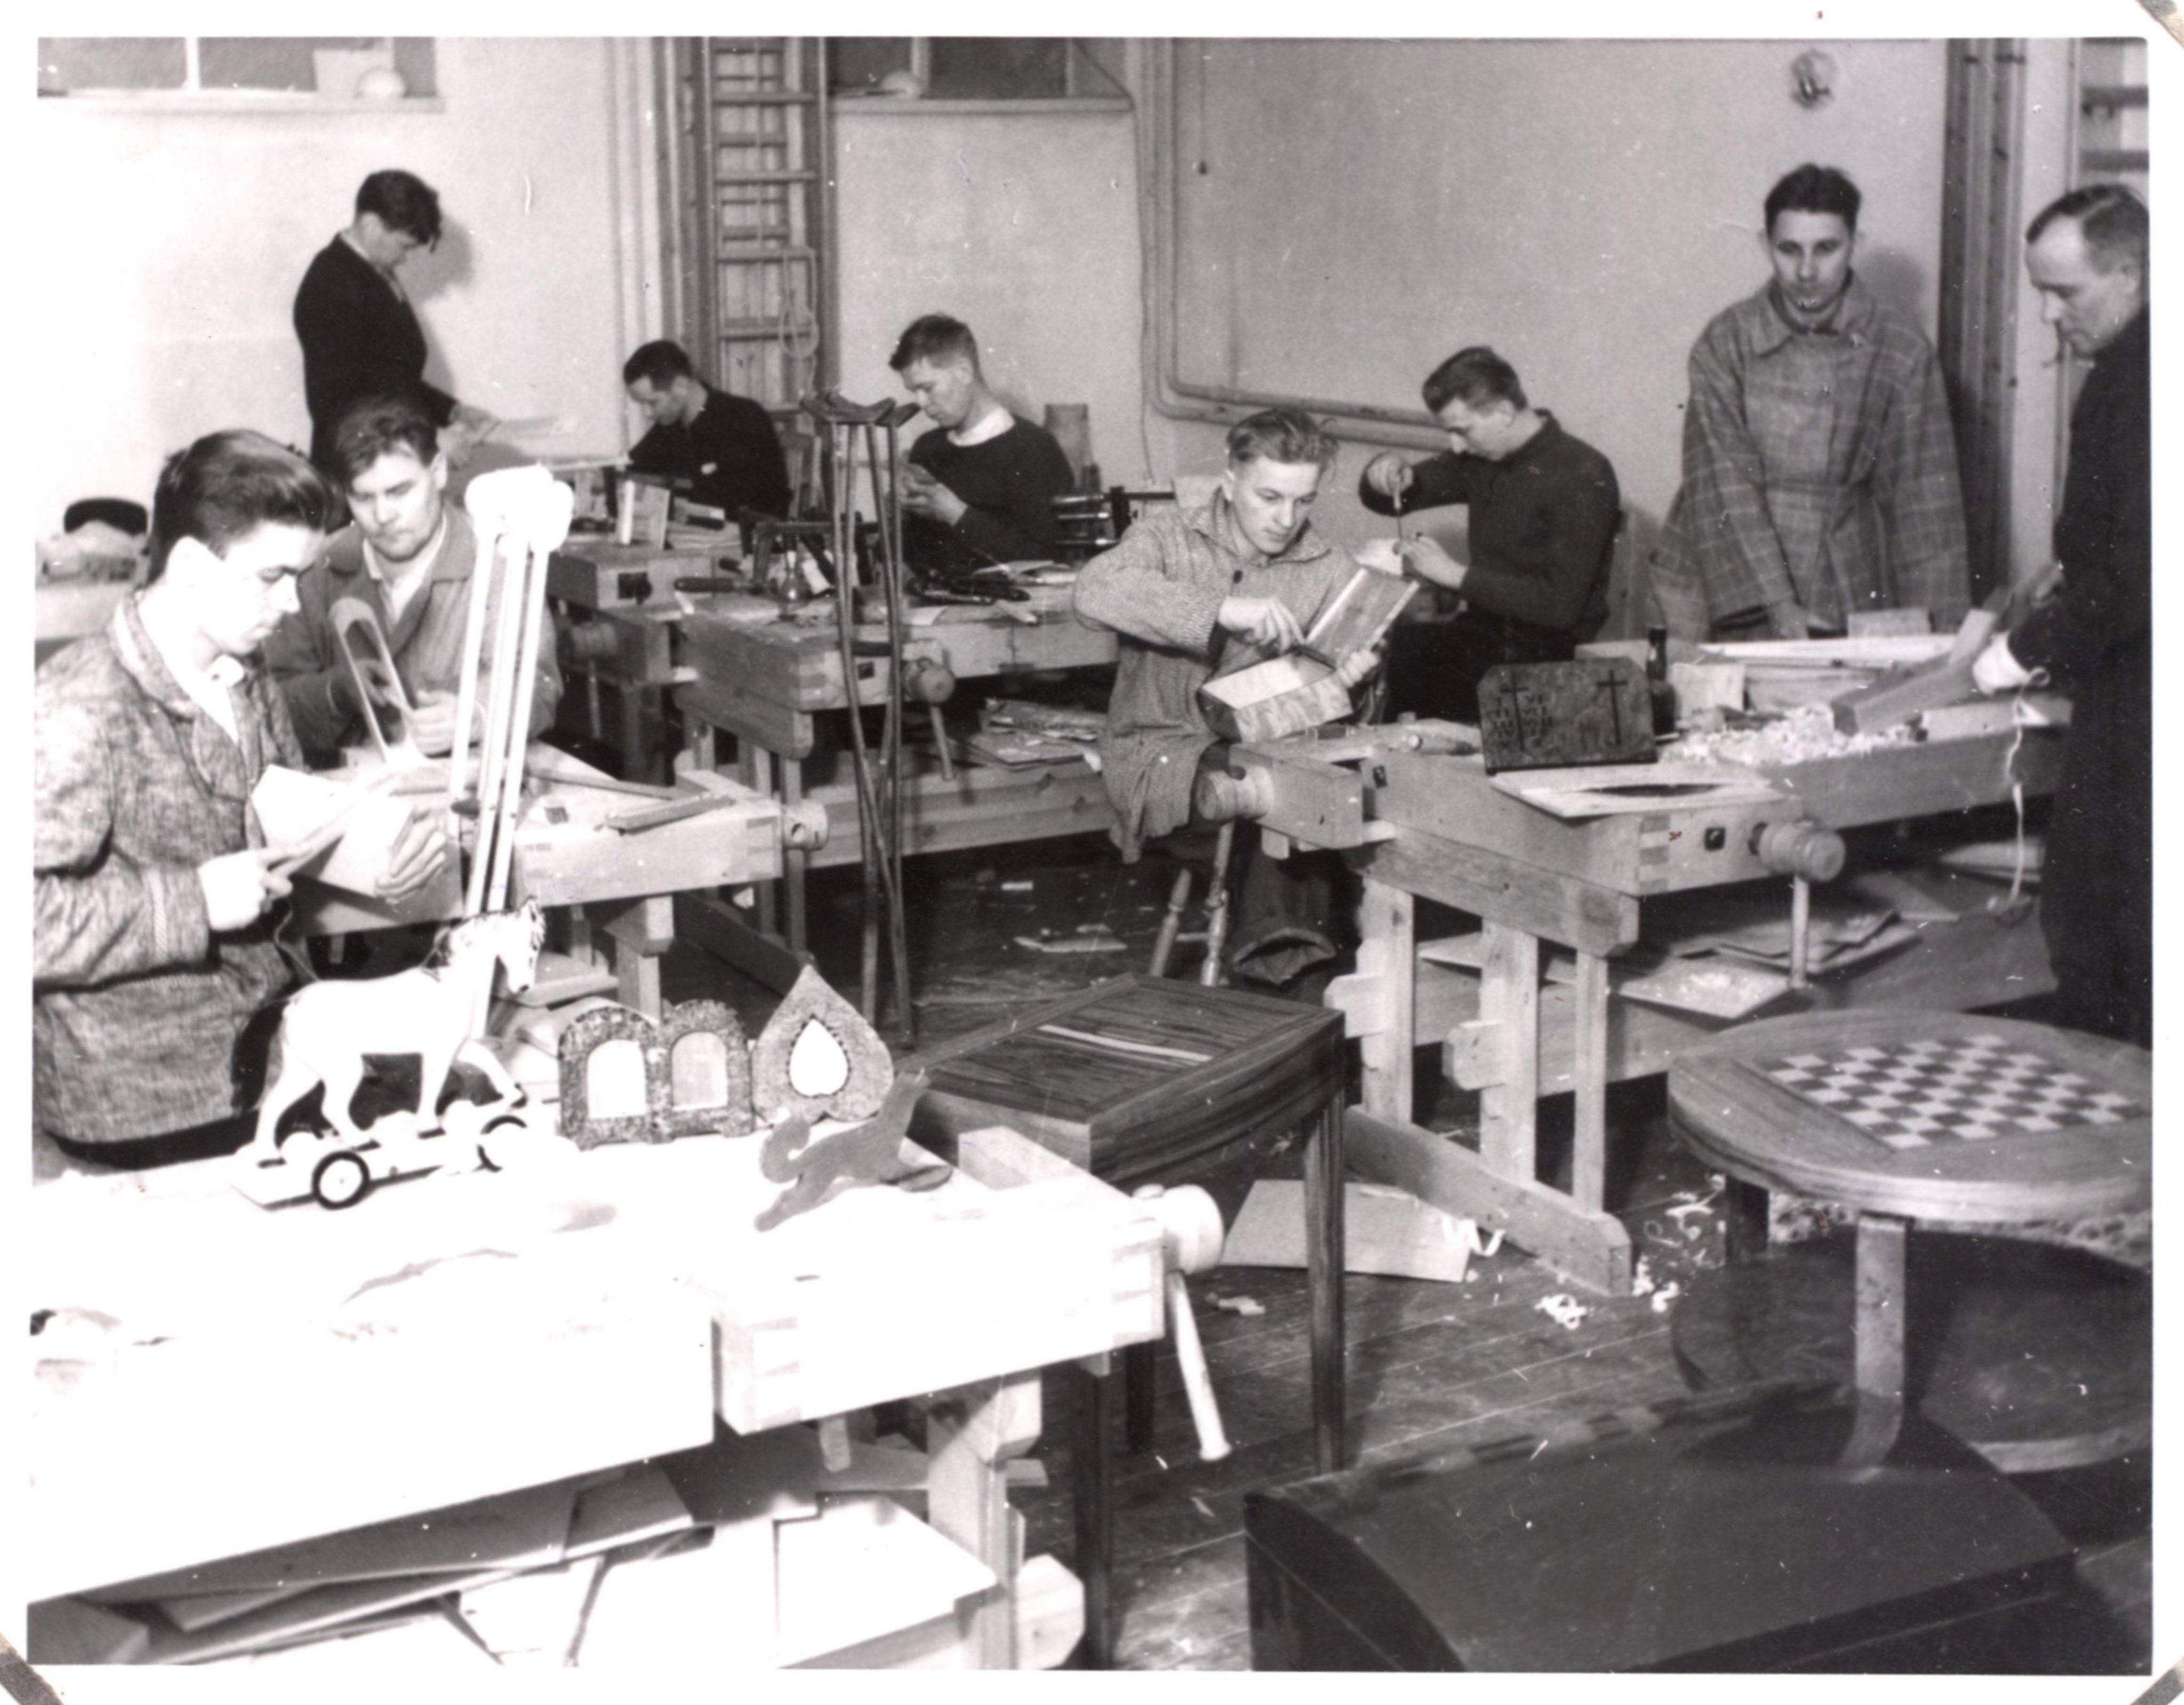 Kuntoutujia työtoiminnoissa arviolta 1940-luvulla.